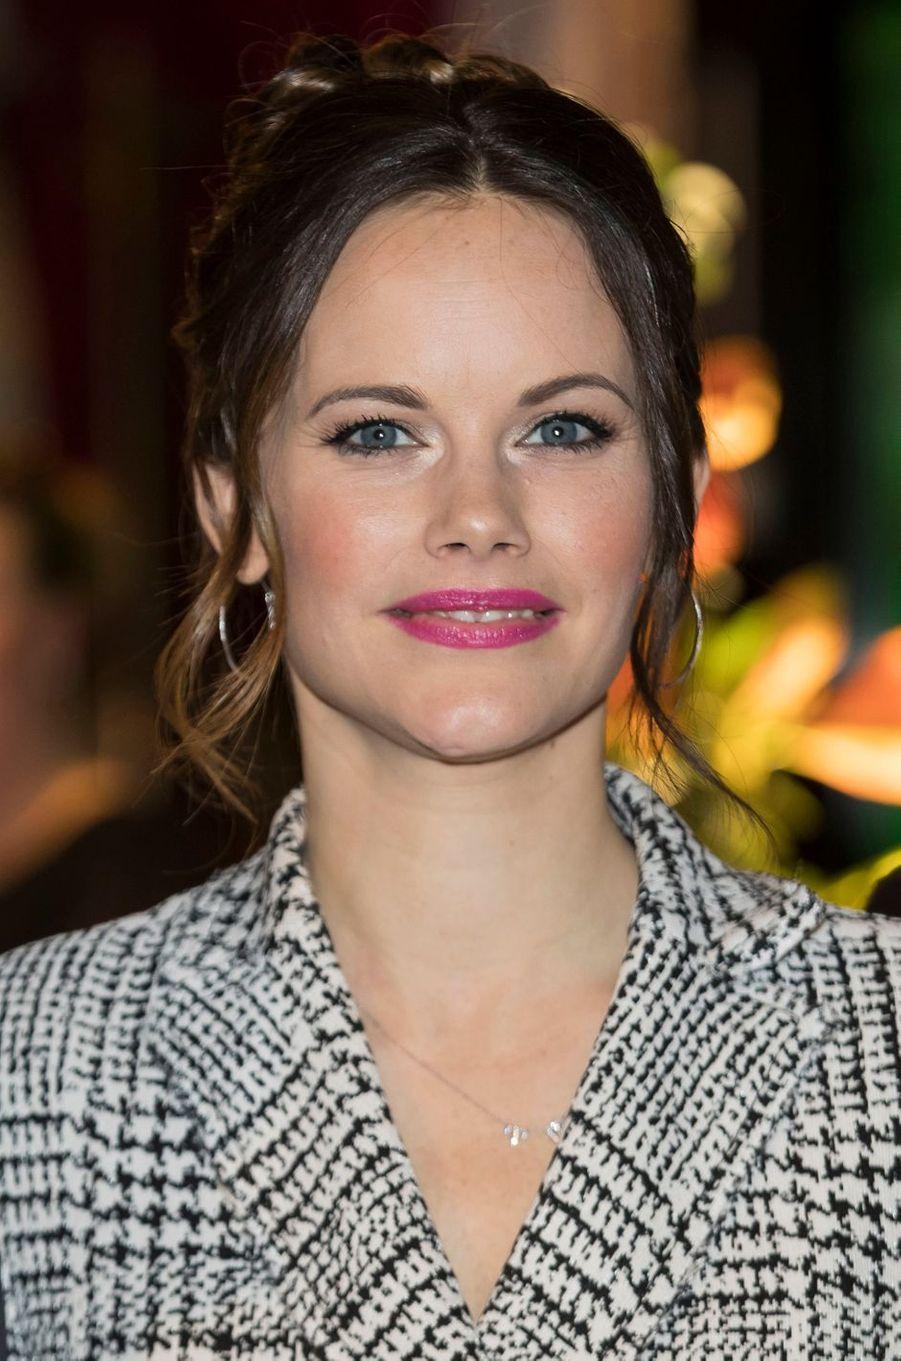 Sofia Hellqvist à Stockholm, le 30 novembre 2017